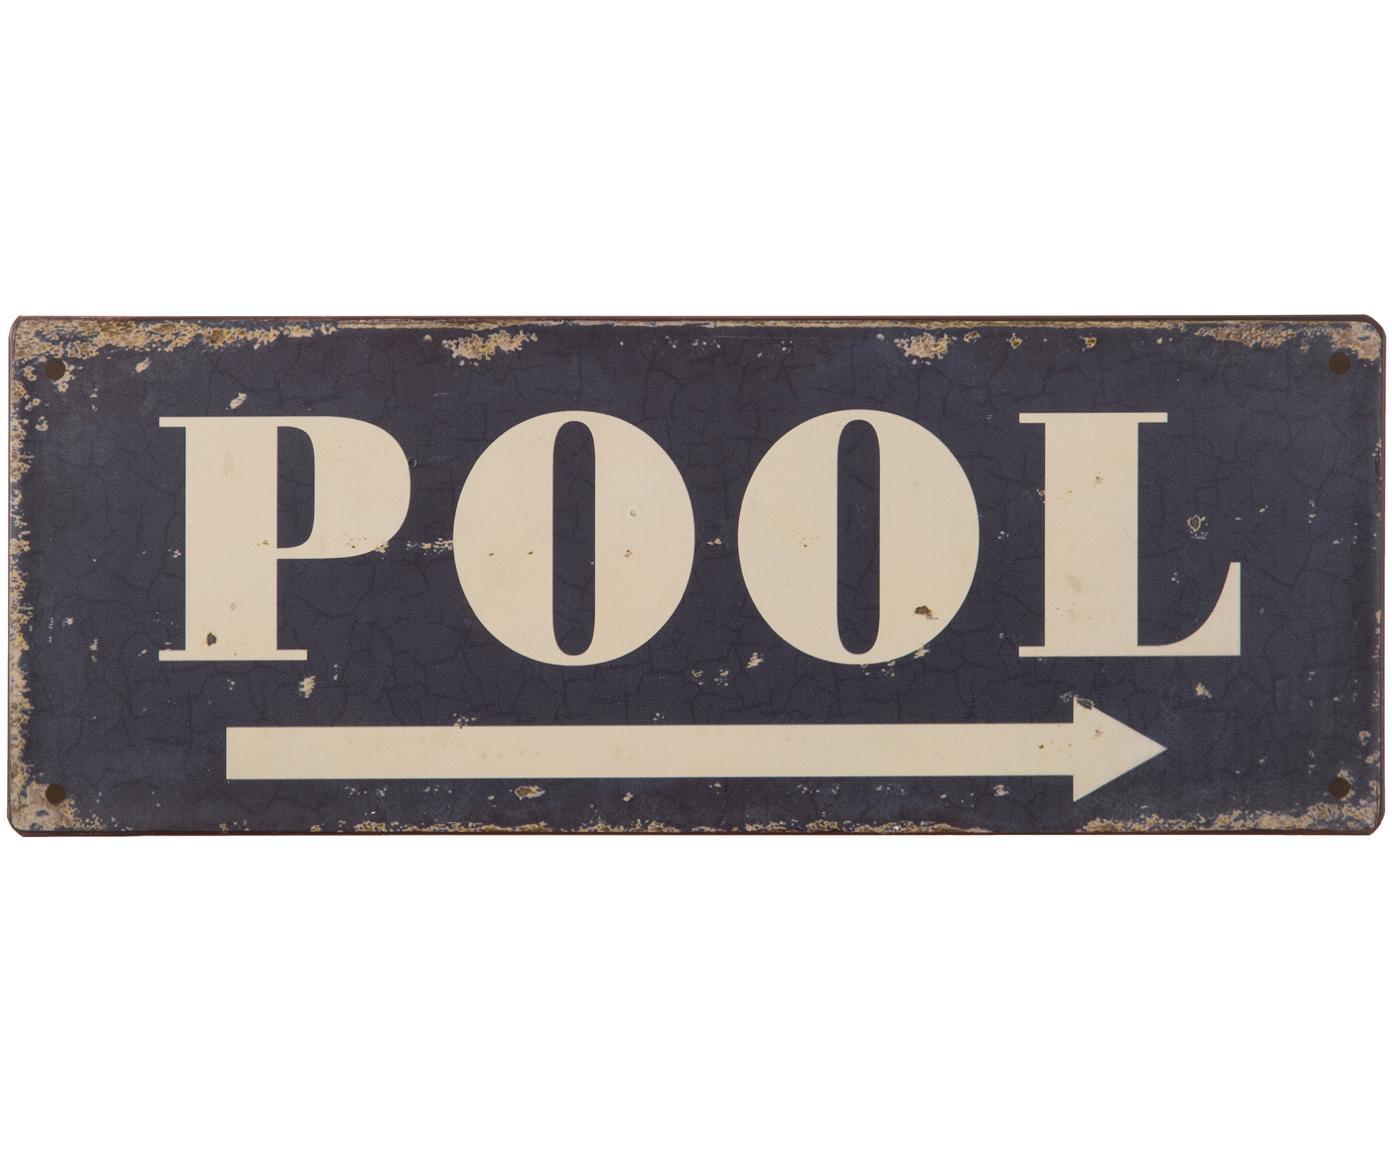 Señal decorativa Pool, Metal, recubierto con lámina de adorno, Azul oscuro, blanco crudo, colores oxidos, An 40 x Al 15 cm